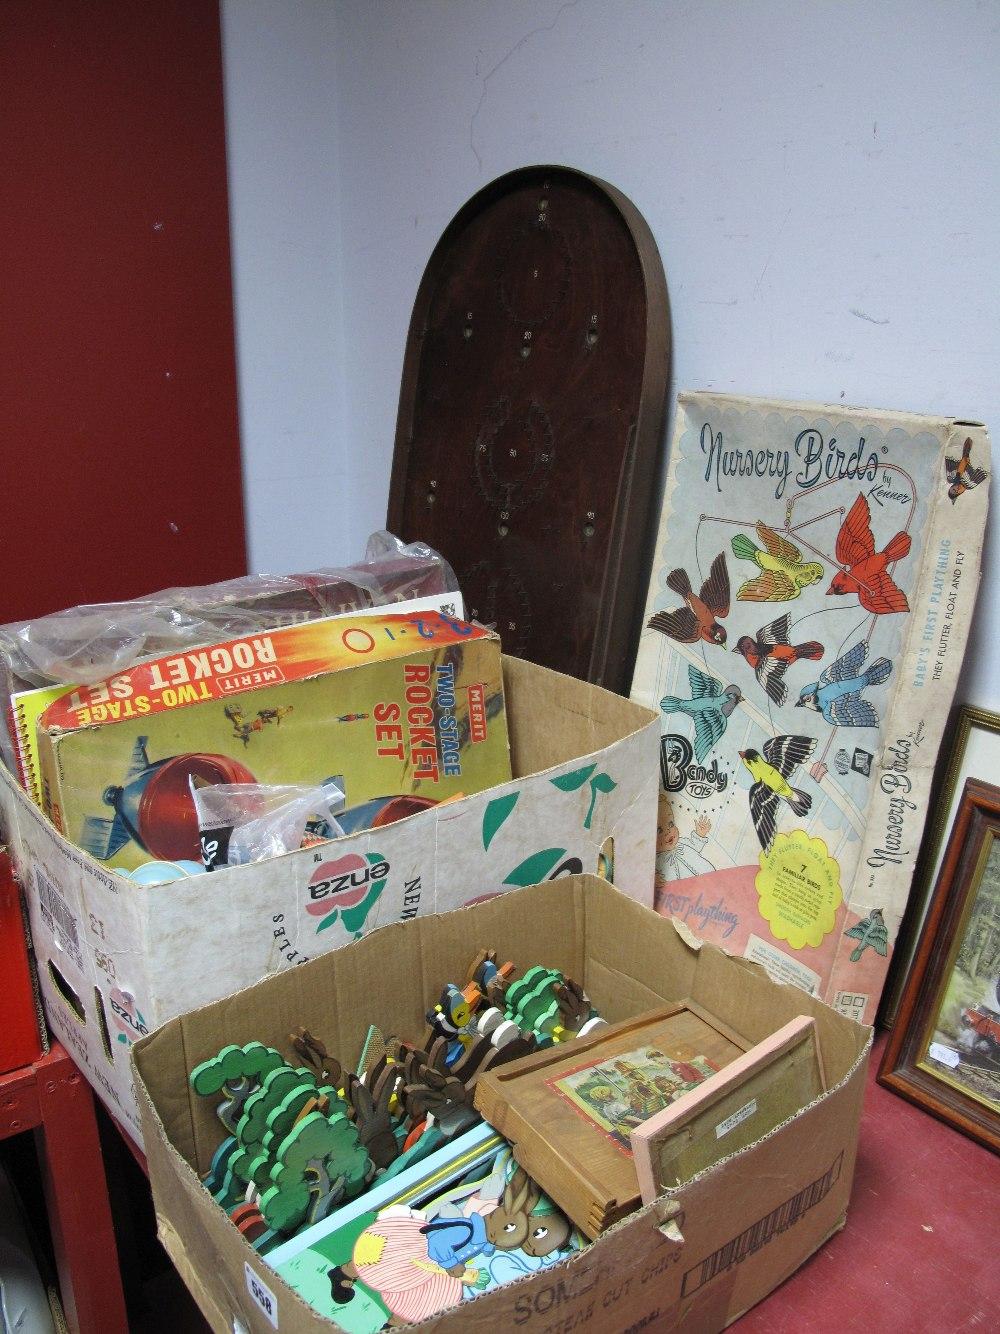 Lot 558 - A Merit 'Rocket Set', Bendy nursery birds, Corinthian bagatelle, puzzles, other toys.